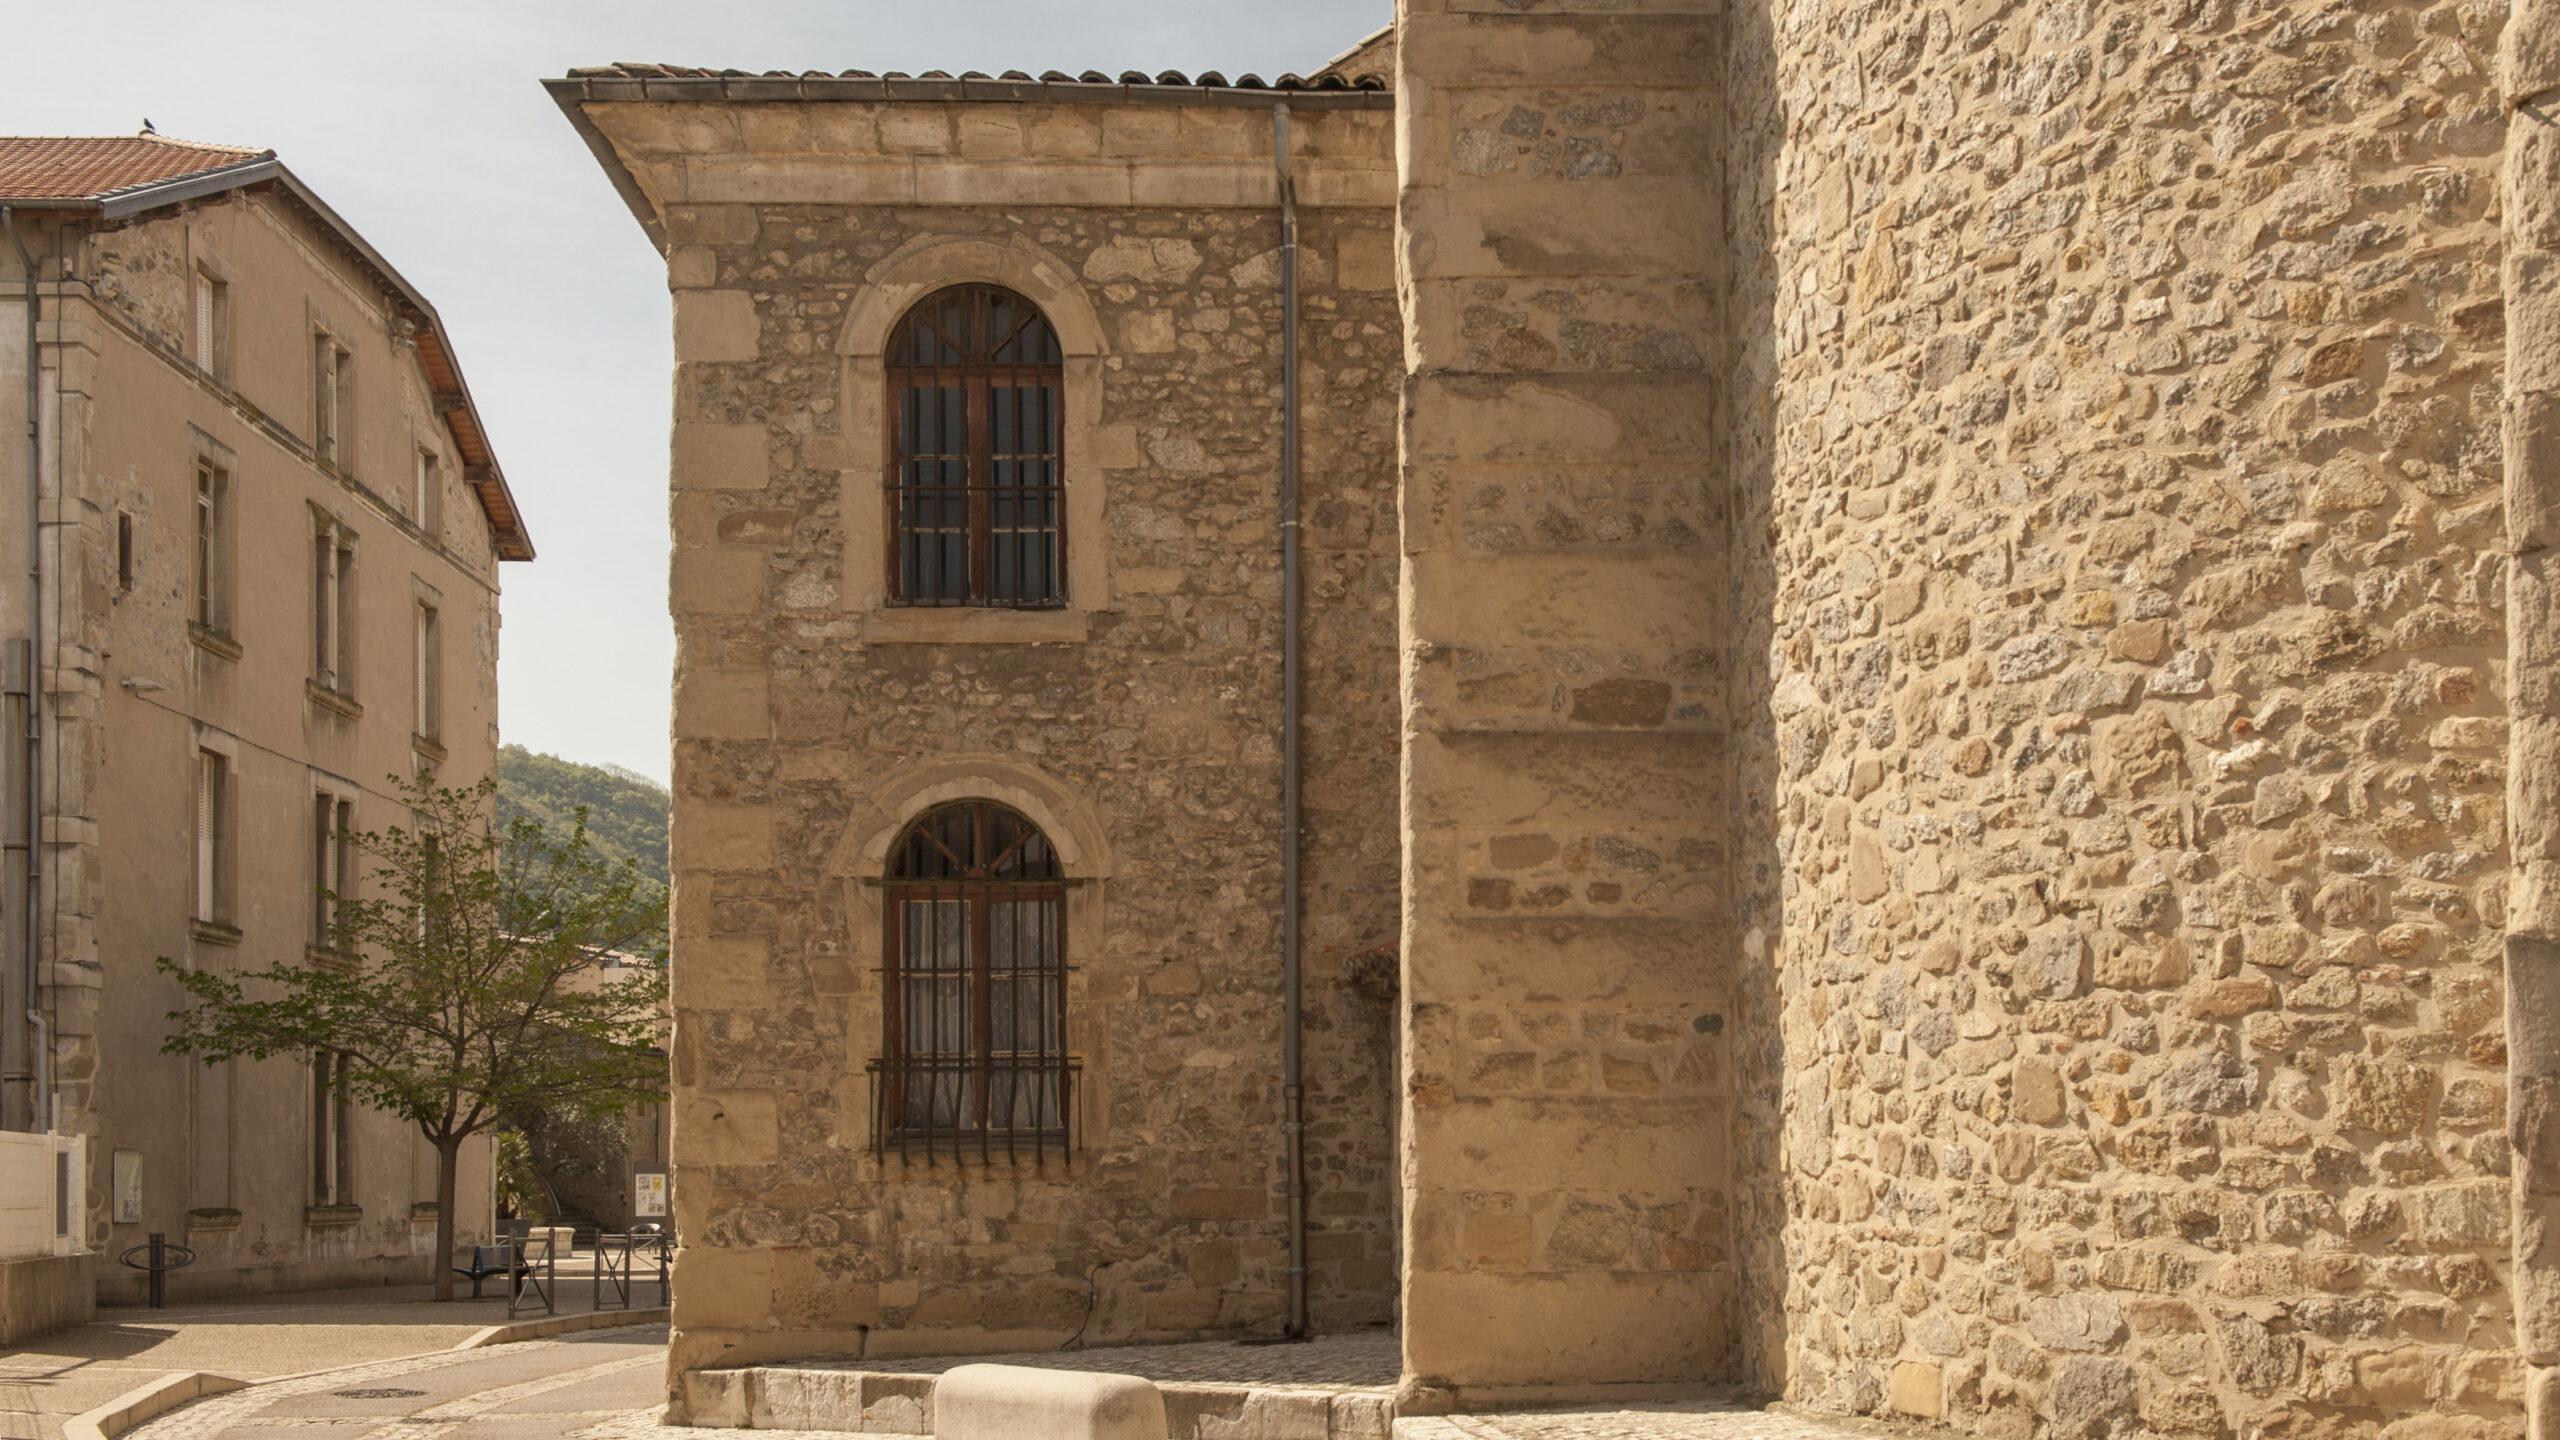 Die katholische Pfarrkirche von Tain-l'Hermitage. Hilke Maunder